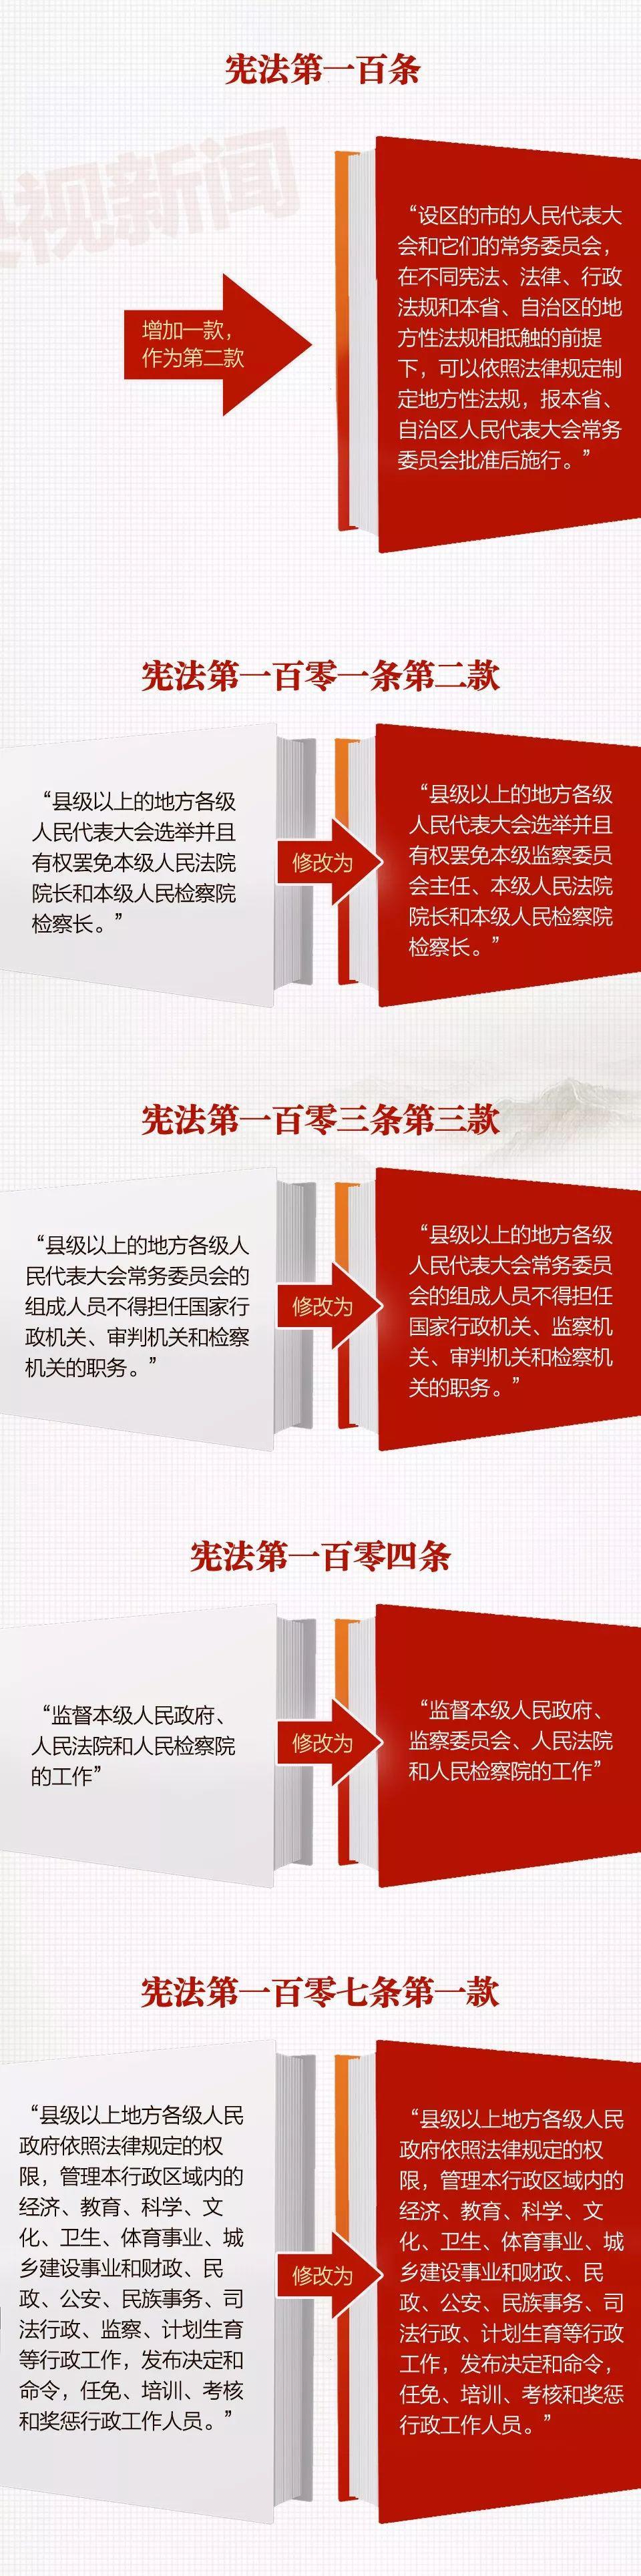 一張圖帶你看懂《中華人民共和國憲法修正案》